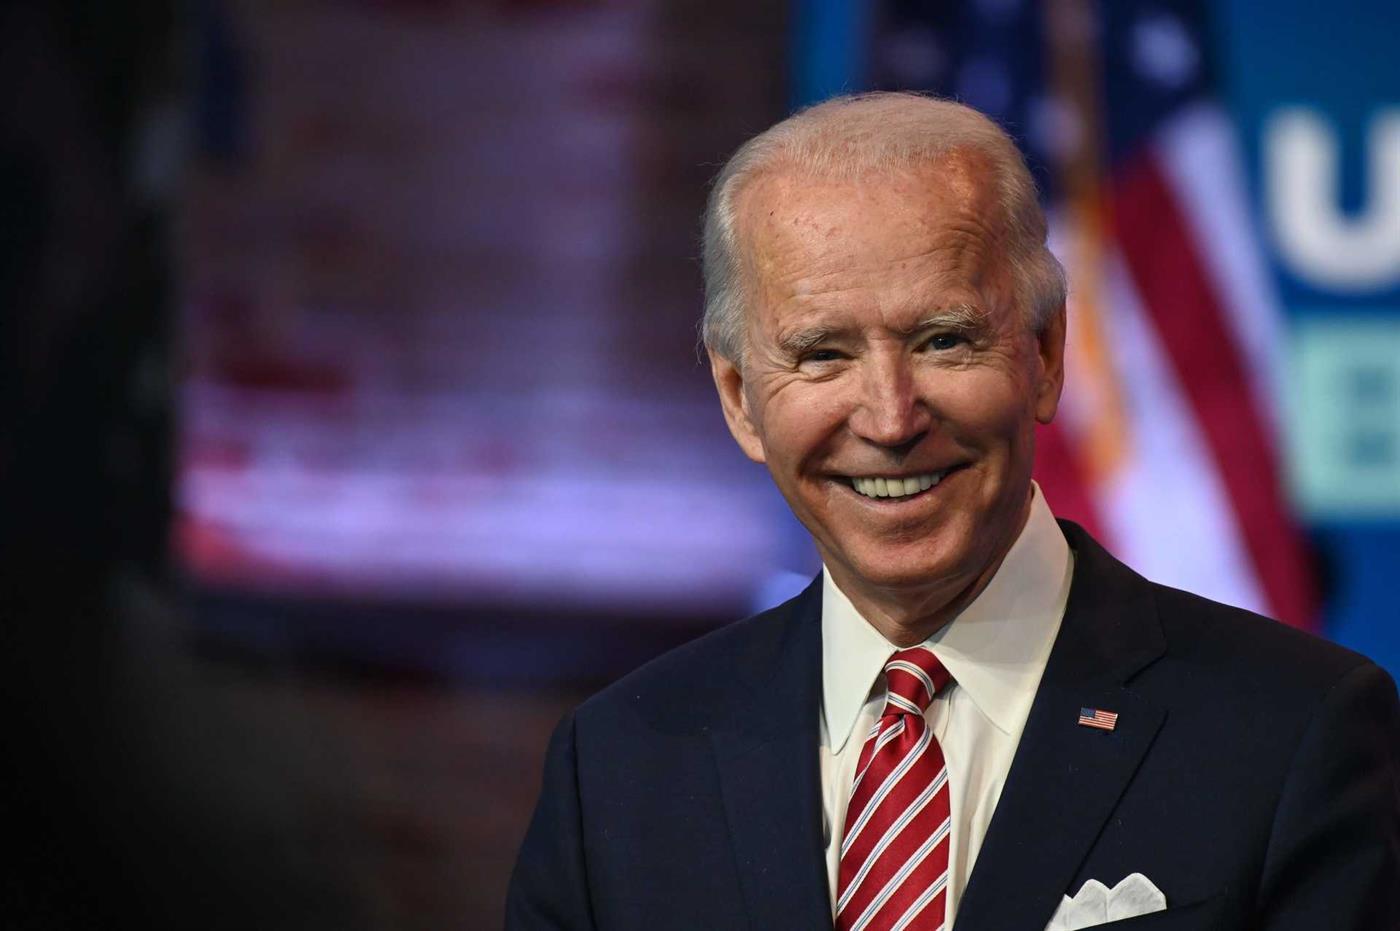 União Europeia convida Joe Biden para participar de cúpula em Bruxelas